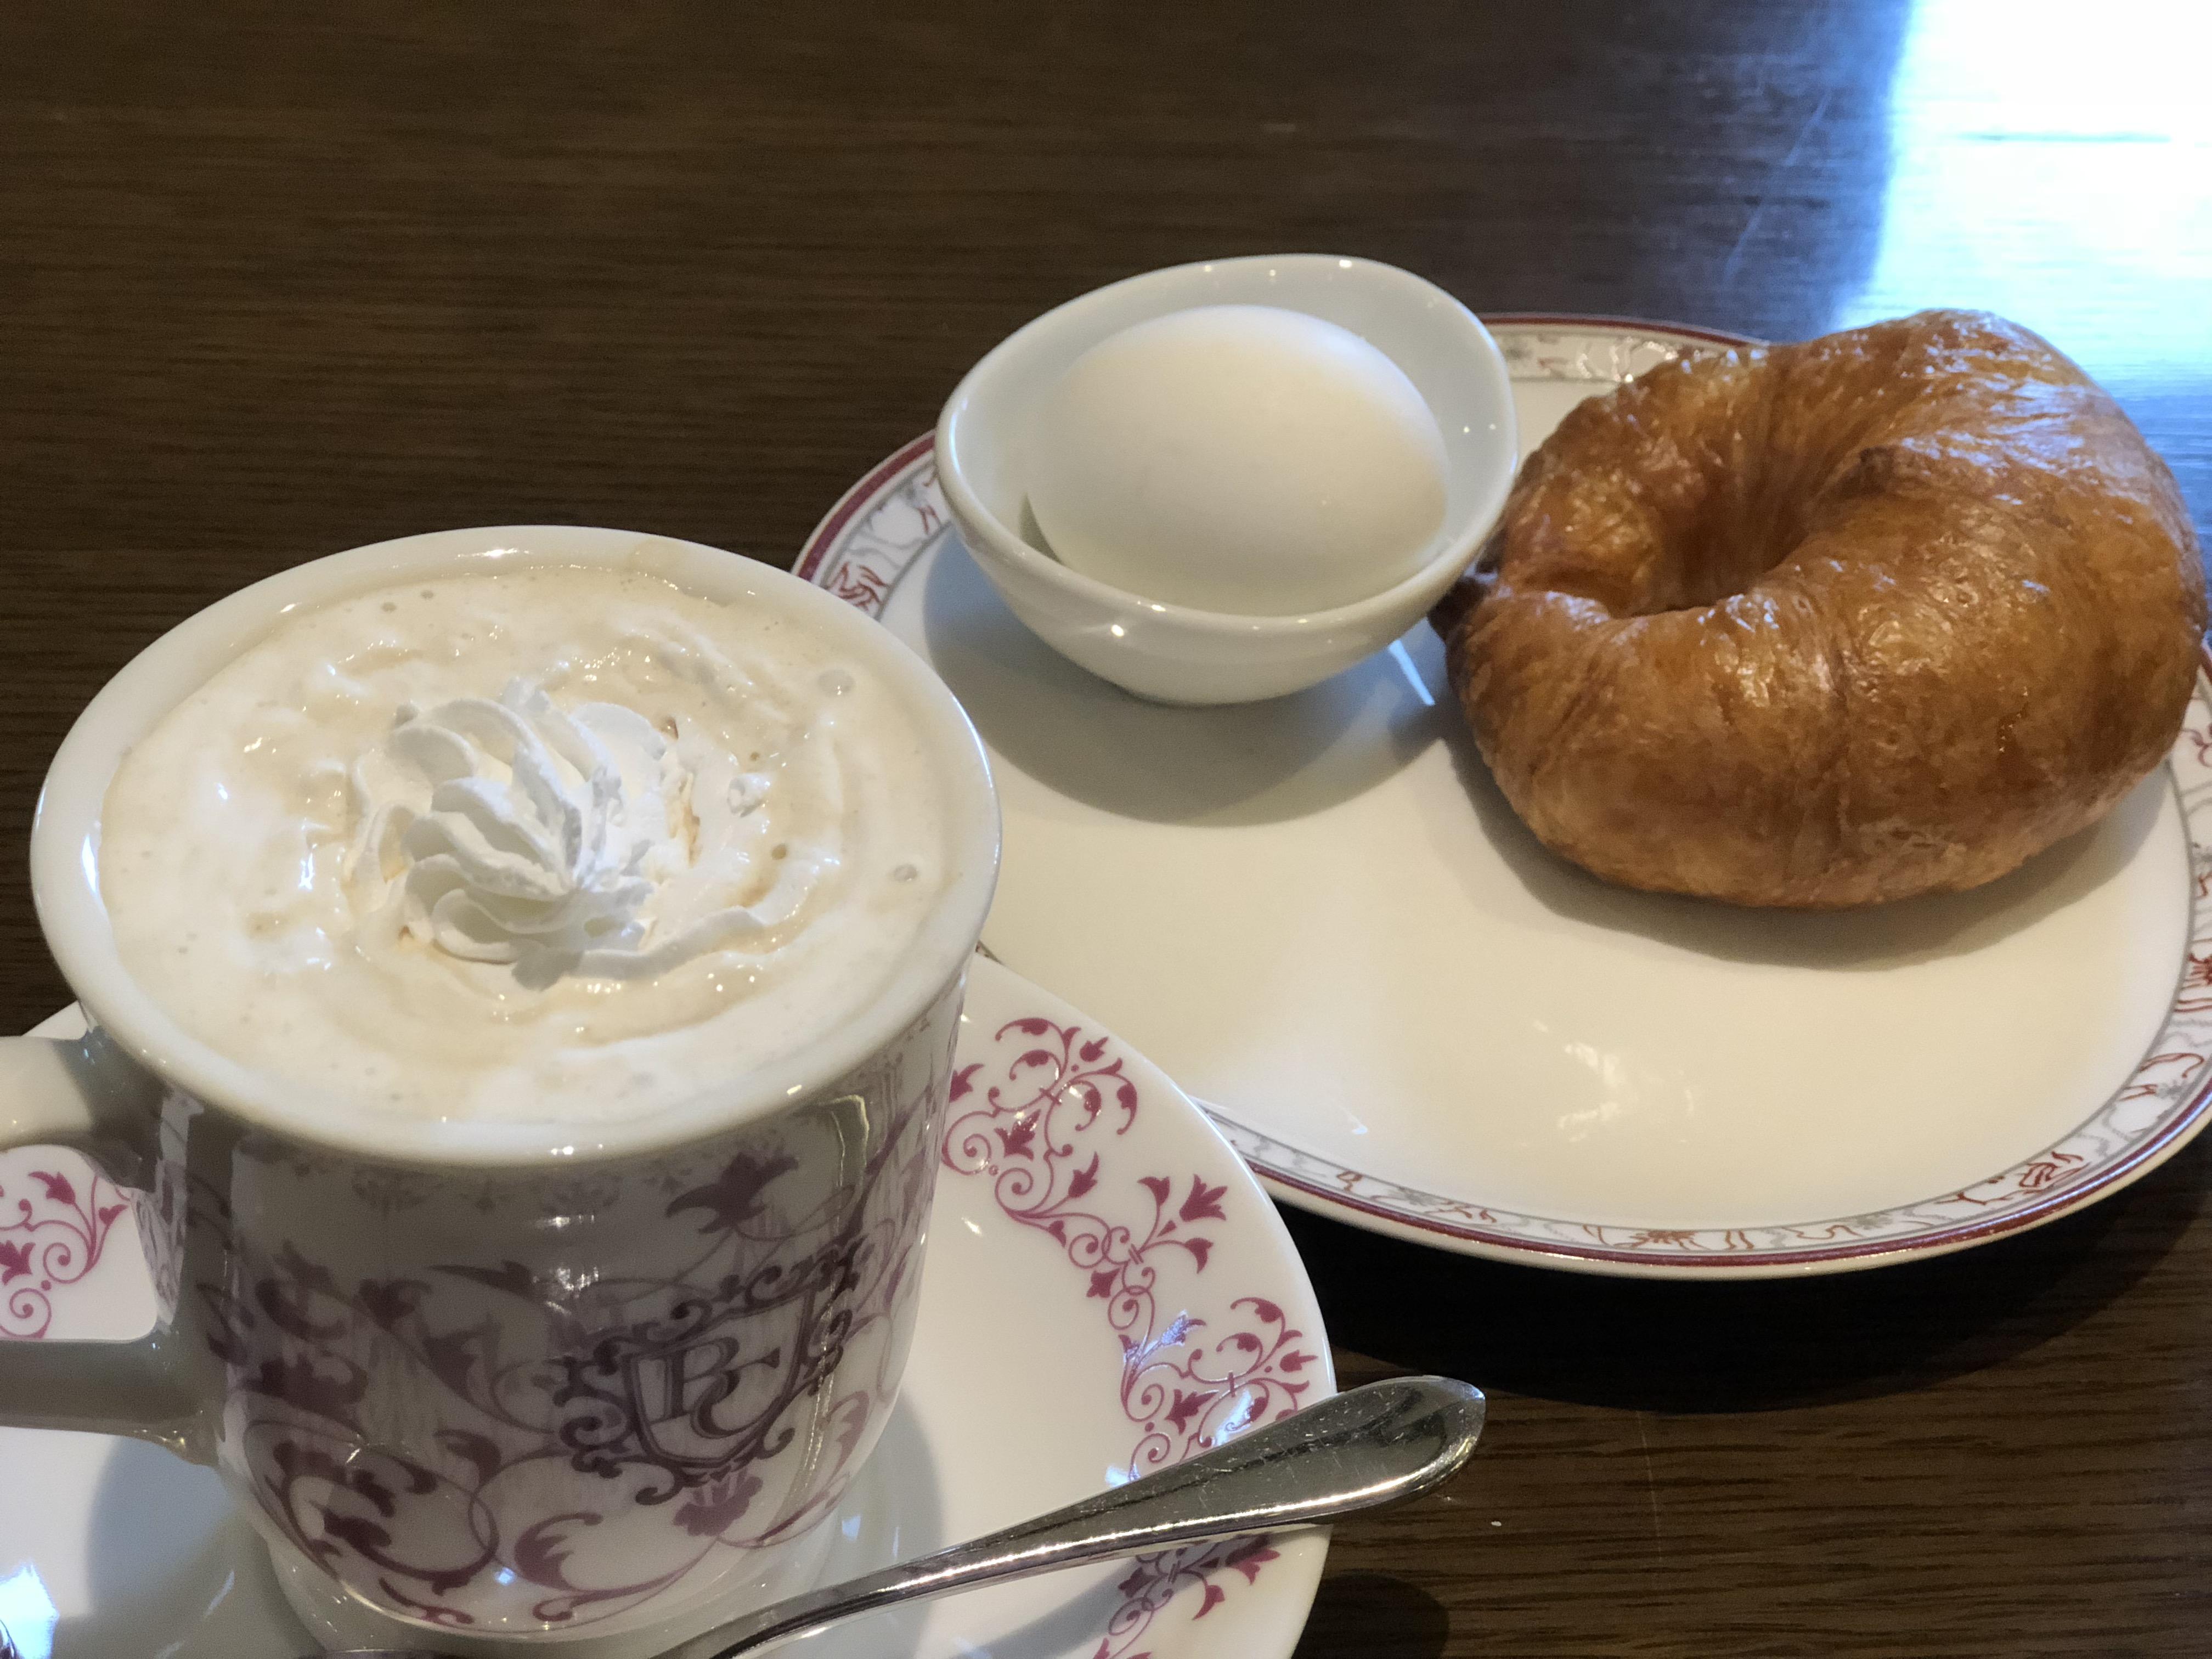 岐阜県大垣市おすすめカフェ ビリオン珈琲のシンプルモーニング